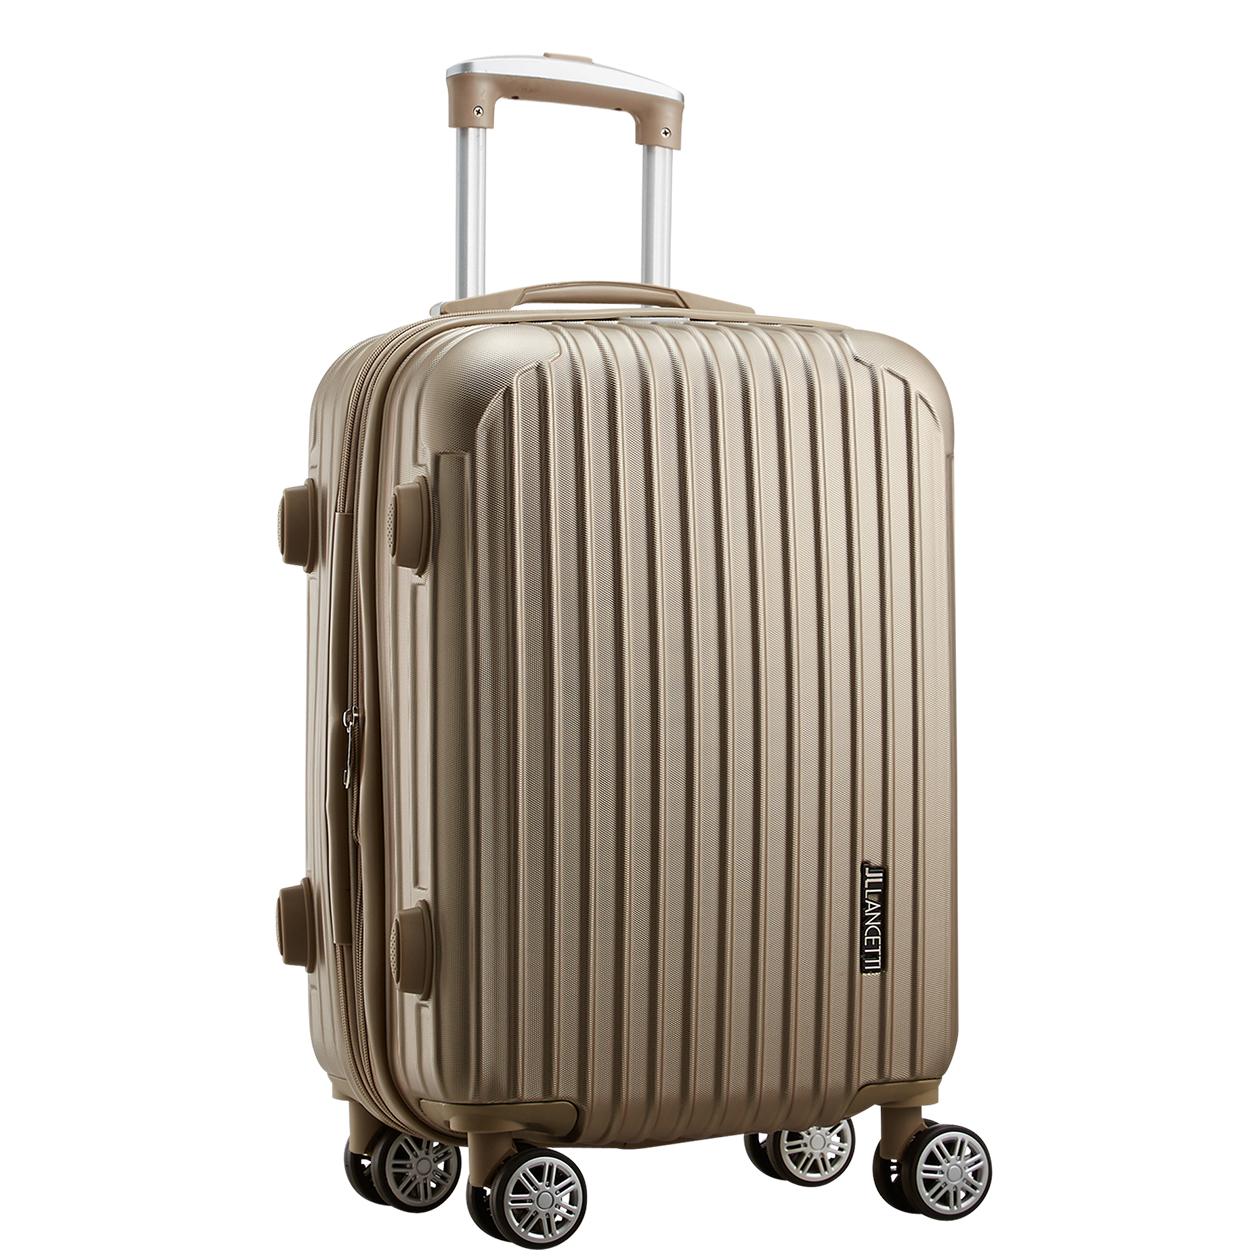 란체티 퍼스트 20인치 기내용 여행용캐리어 여행가방 케리어 하드캐리어